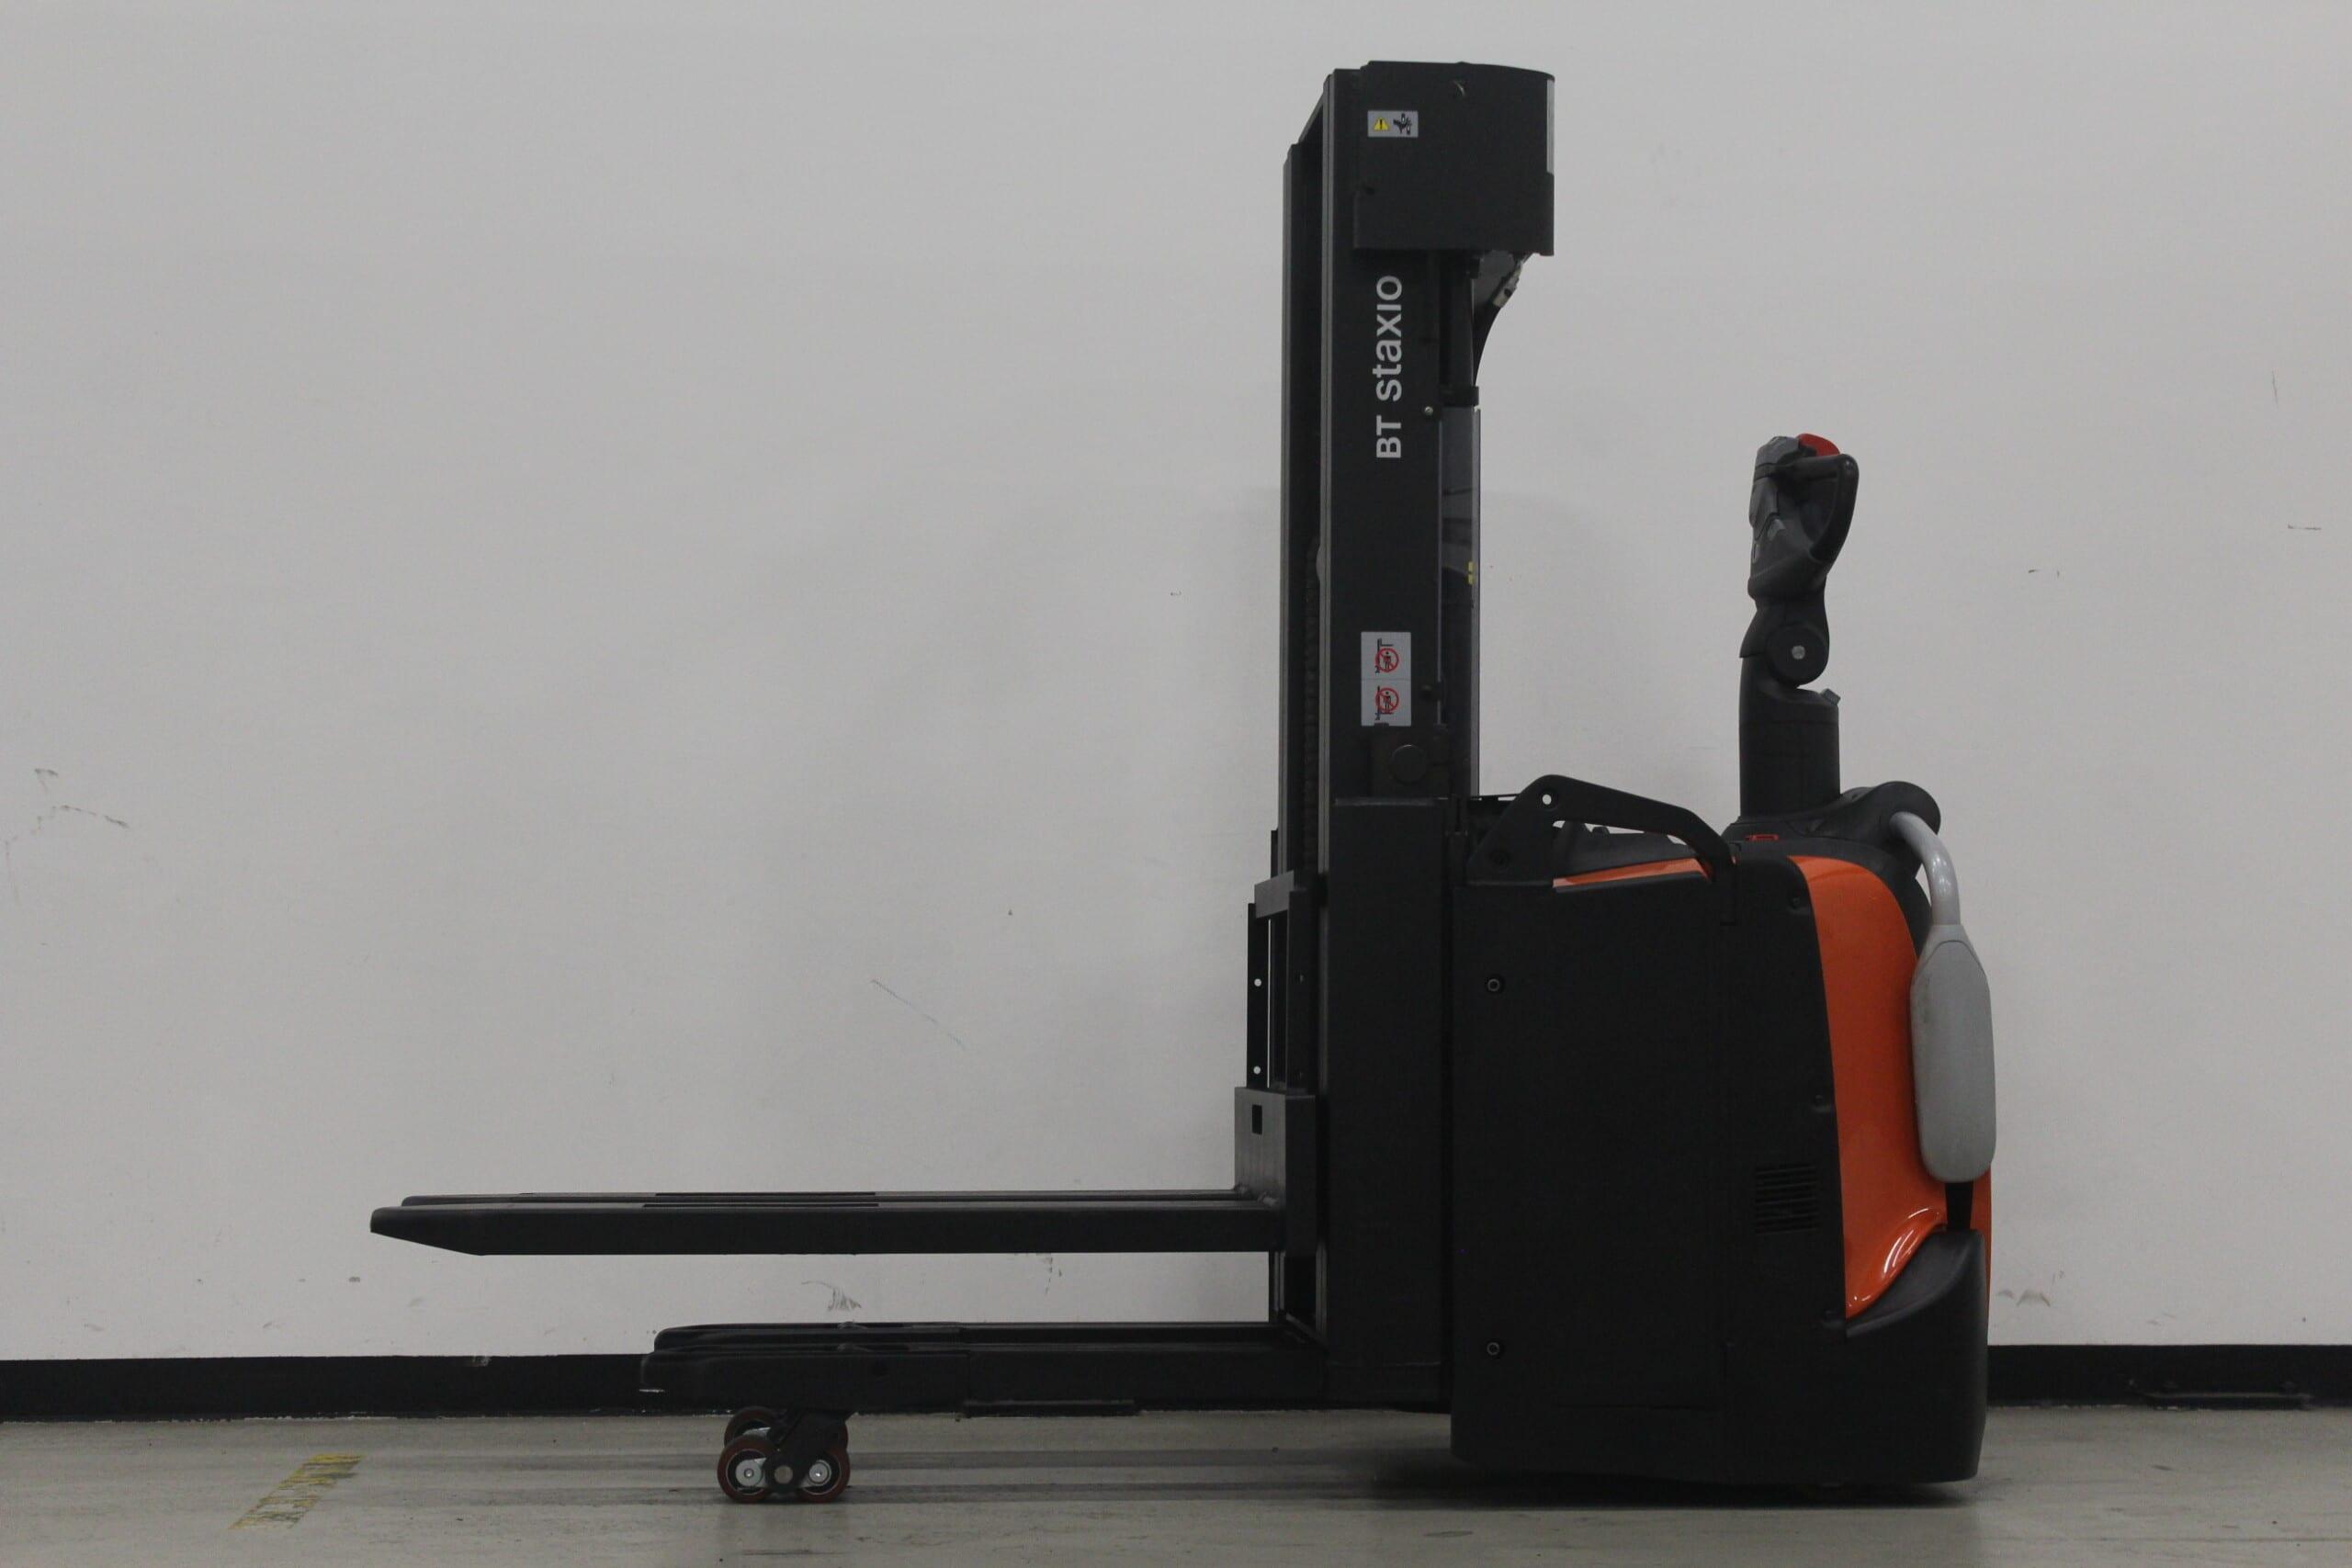 Toyota-Gabelstapler-59840 2001033735 1 scaled